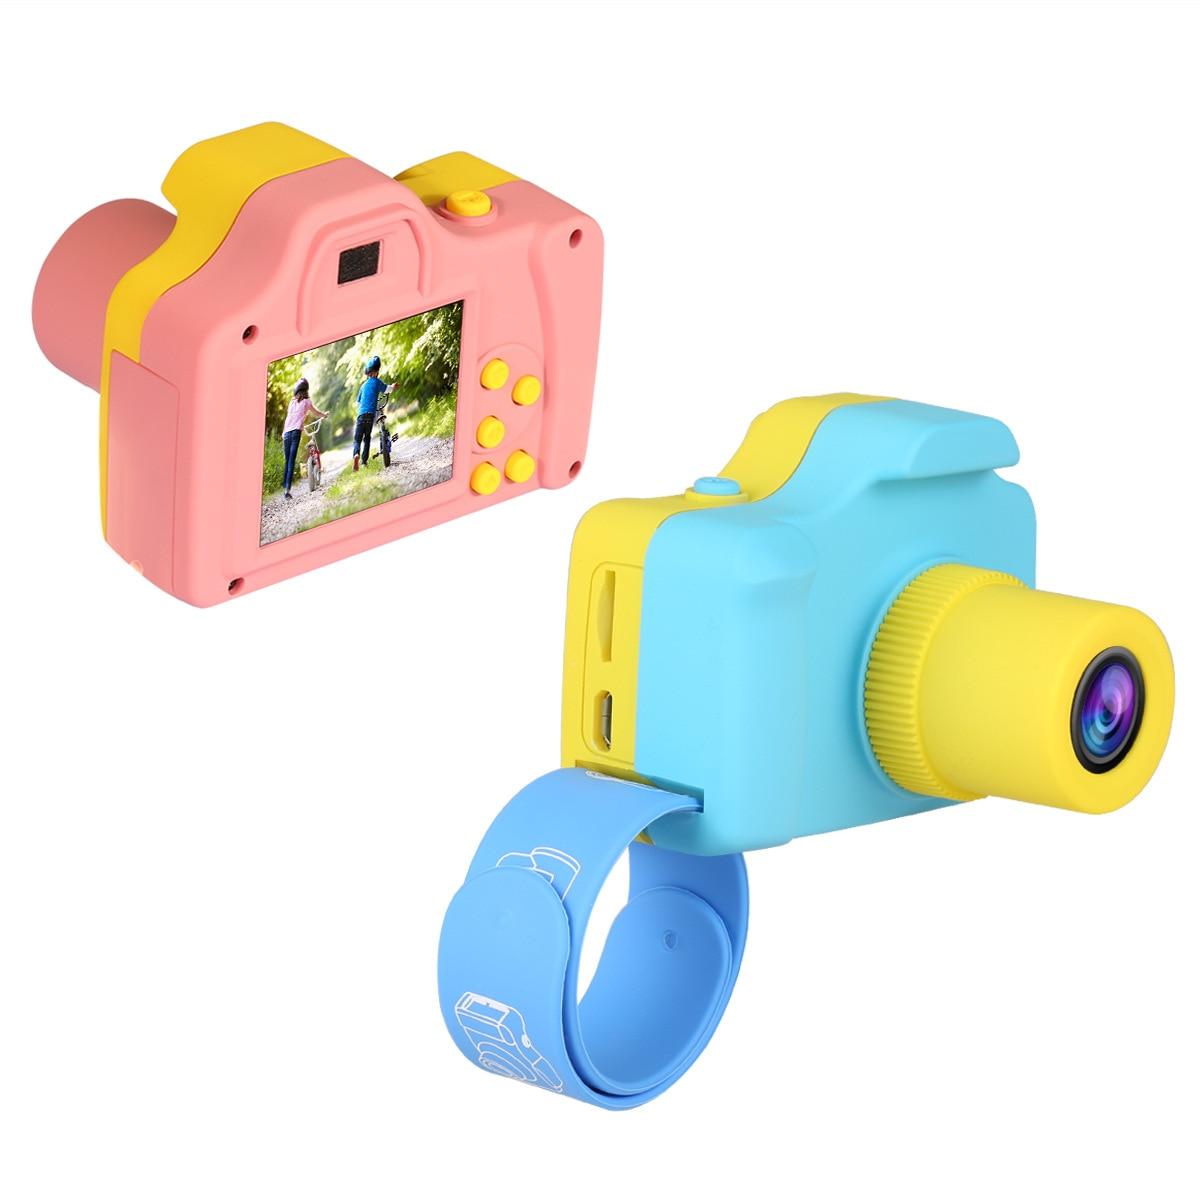 SLR cámara Digital para niños Regalo de Cumpleaños vacaciones precio especial pantalla a Color de 1,77 pulgadas Foto de poste de cabeza grande